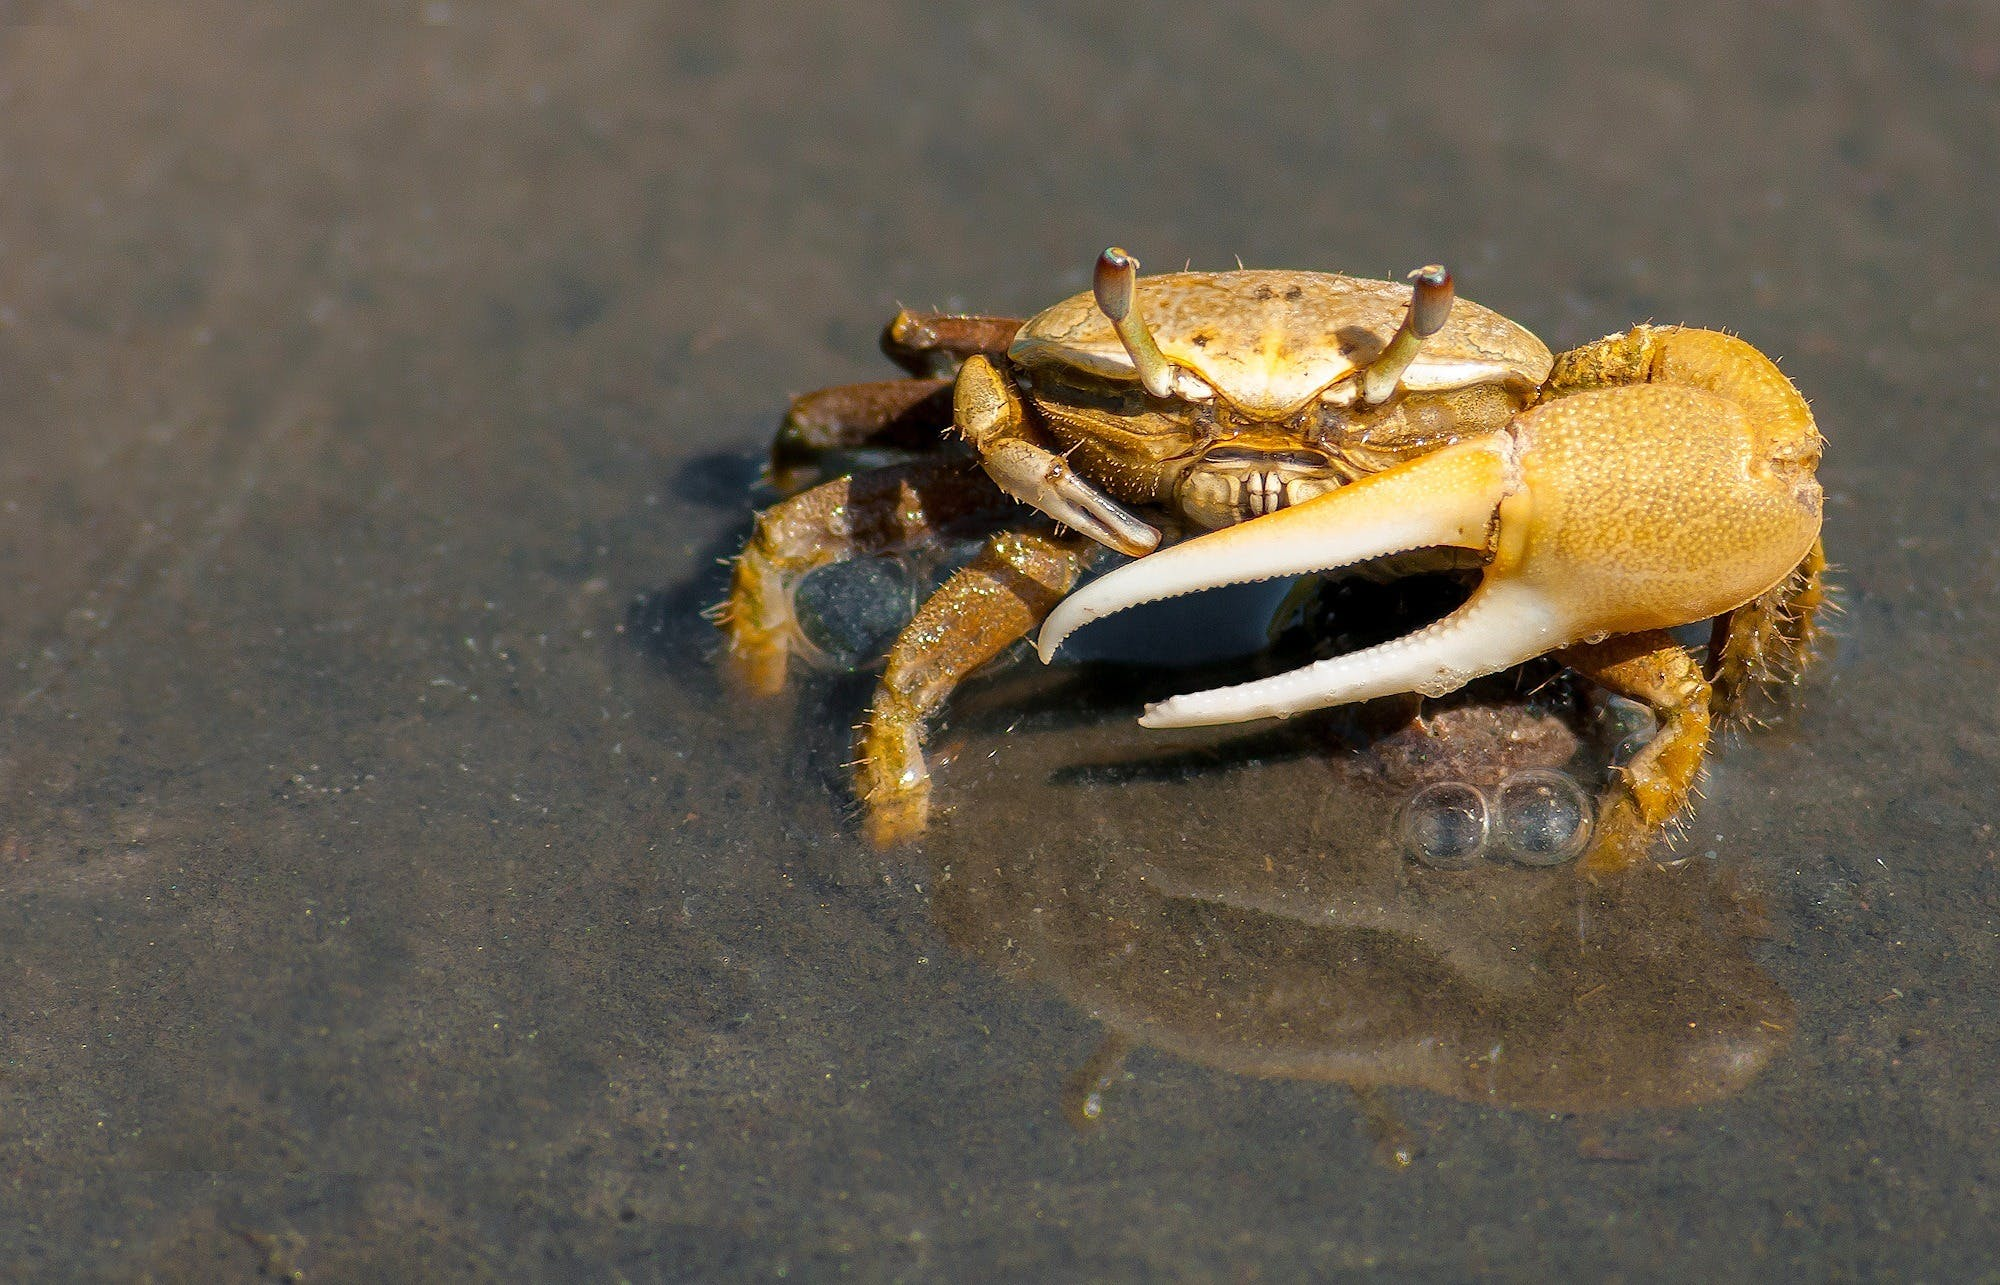 Kostenloses Stock Foto zu krabbe, makro, reflektierung, tier